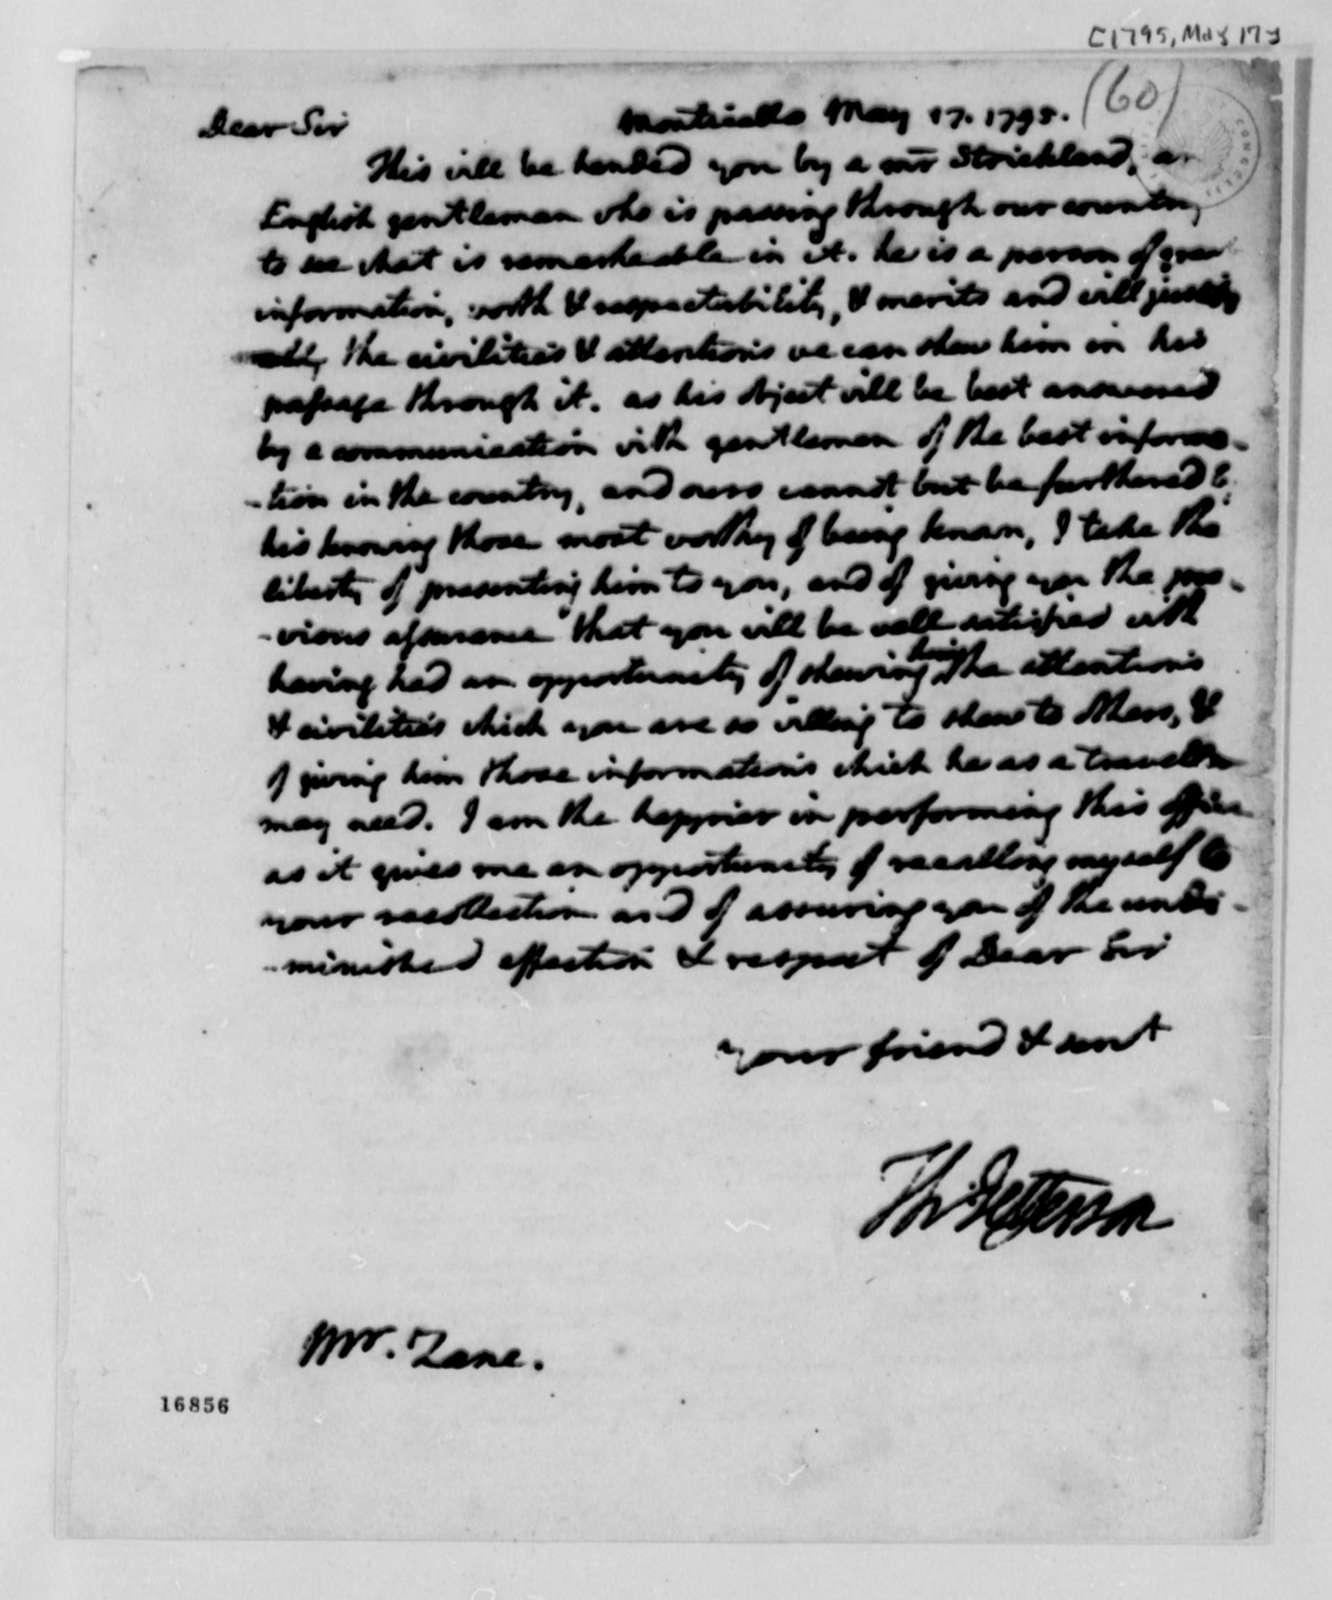 Thomas Jefferson to Isaac Zane, May 17, 1795